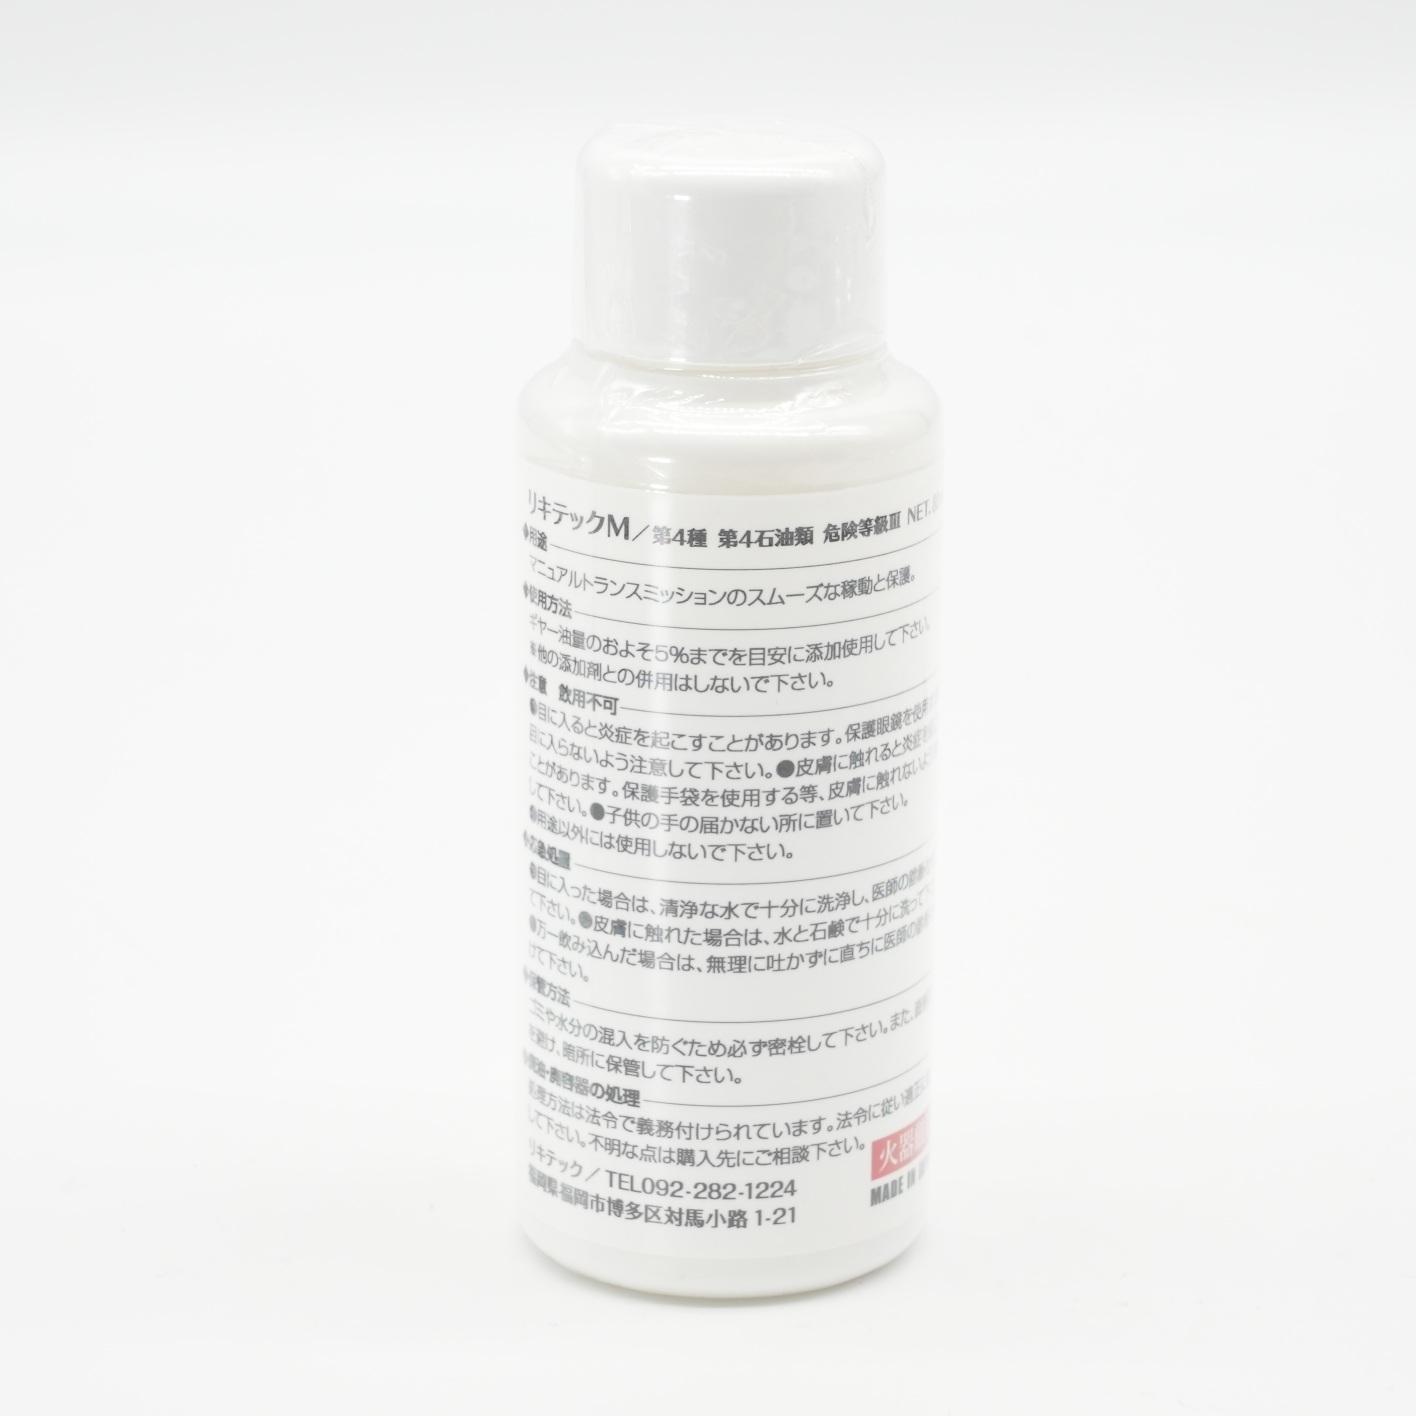 ぬるスコLIQTEK M (リキテックエム)